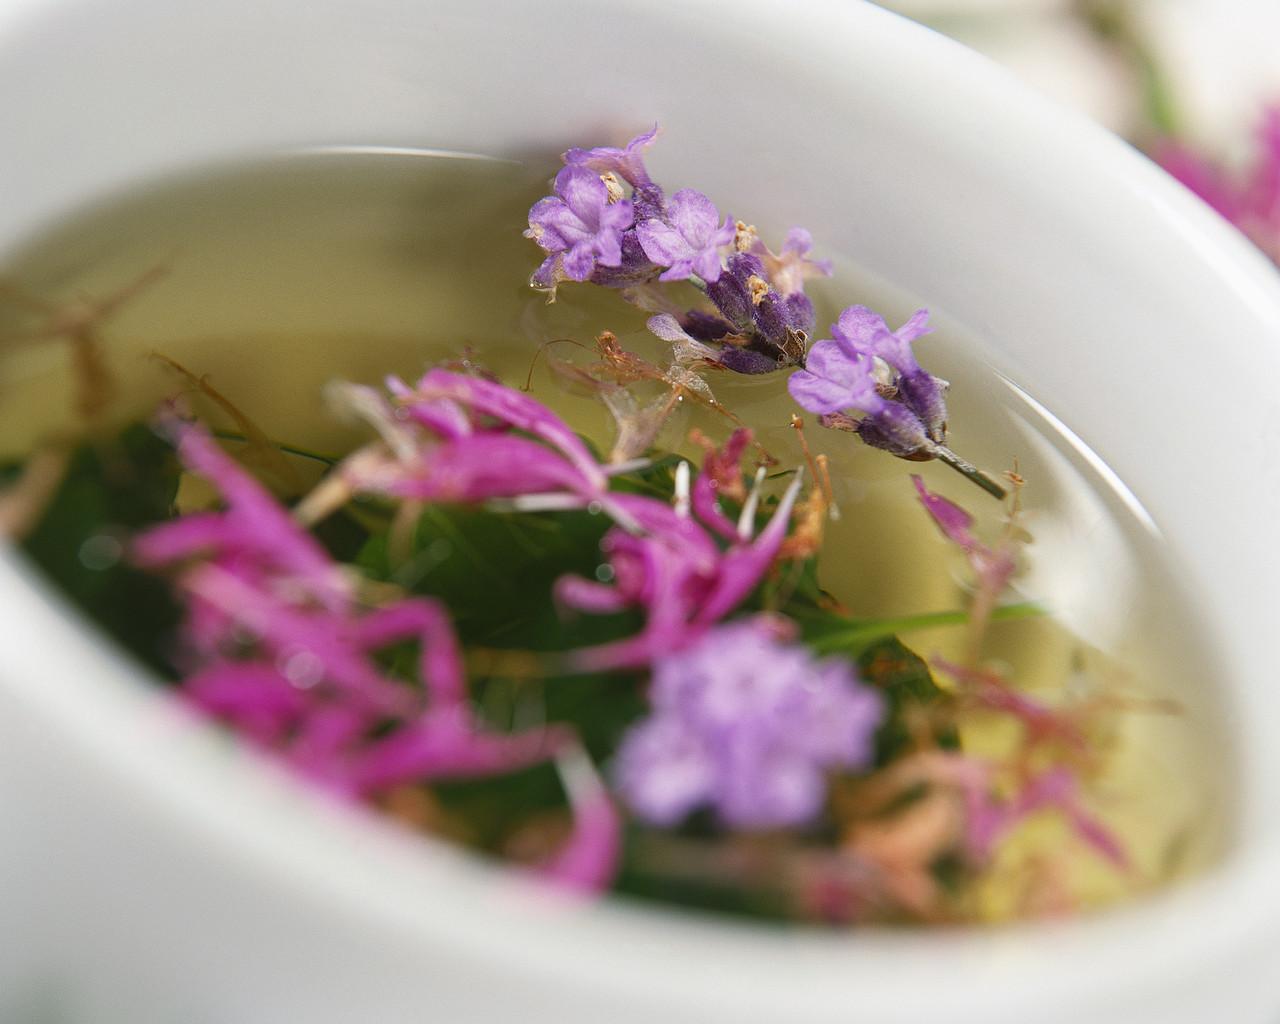 نکاتی مفید در مورد جوشانده های گیاهی